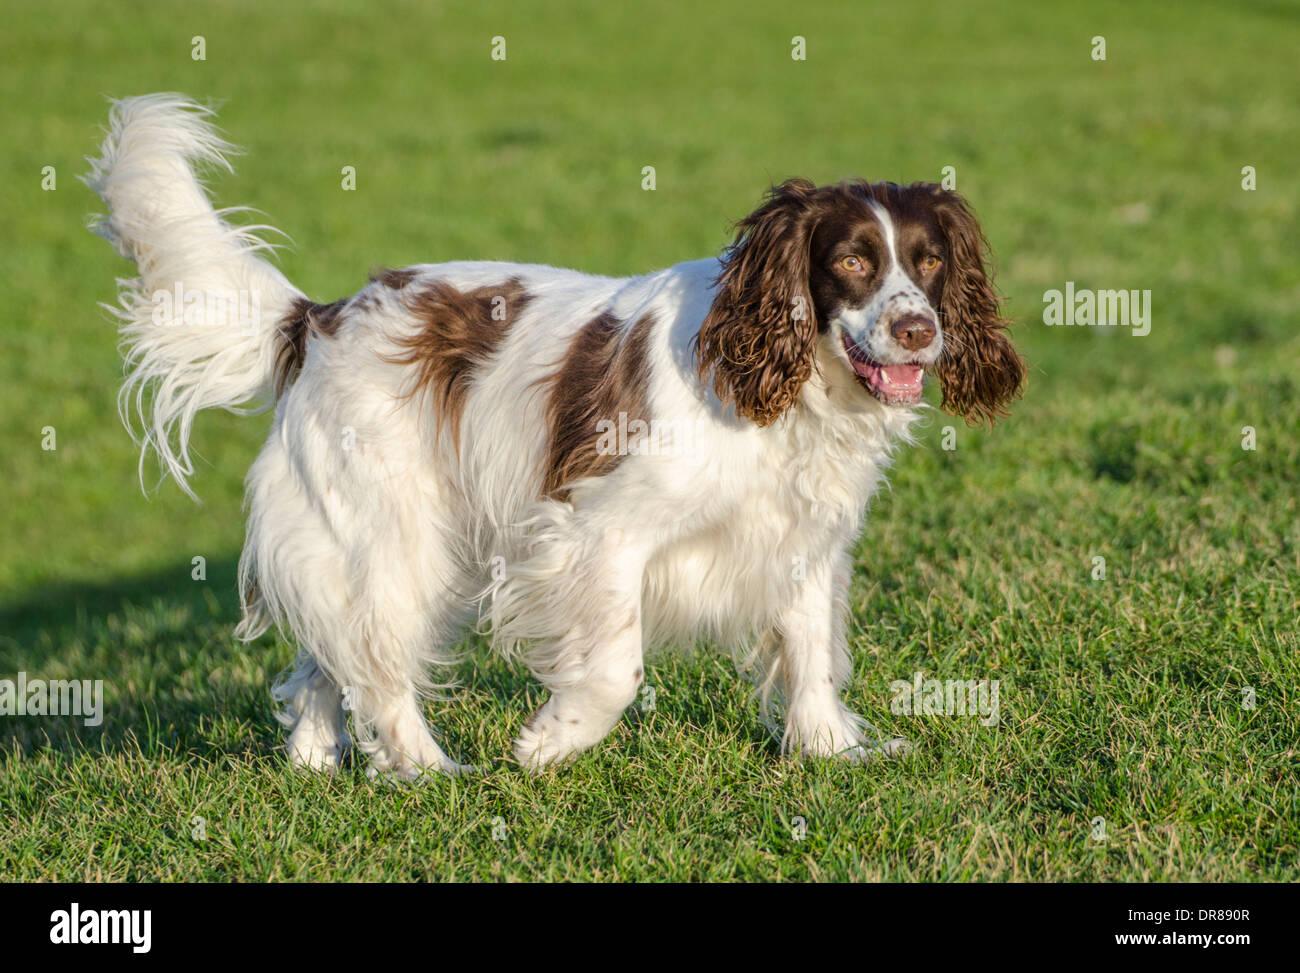 Welsh Springer Spaniel dog standing on grass. - Stock Image